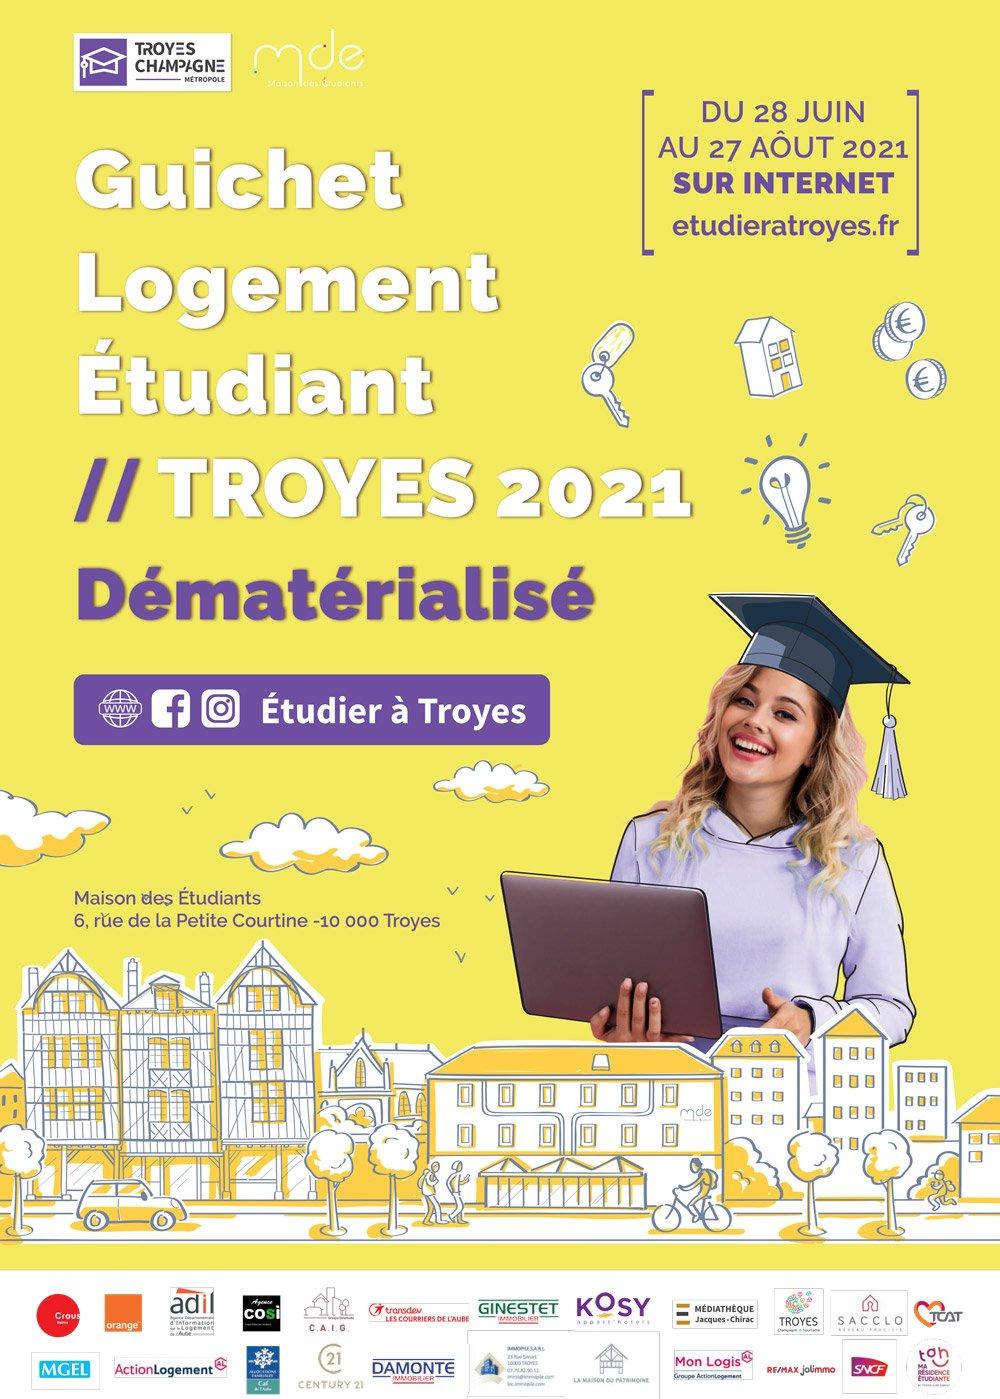 Guichet-logement-etudiant-2021